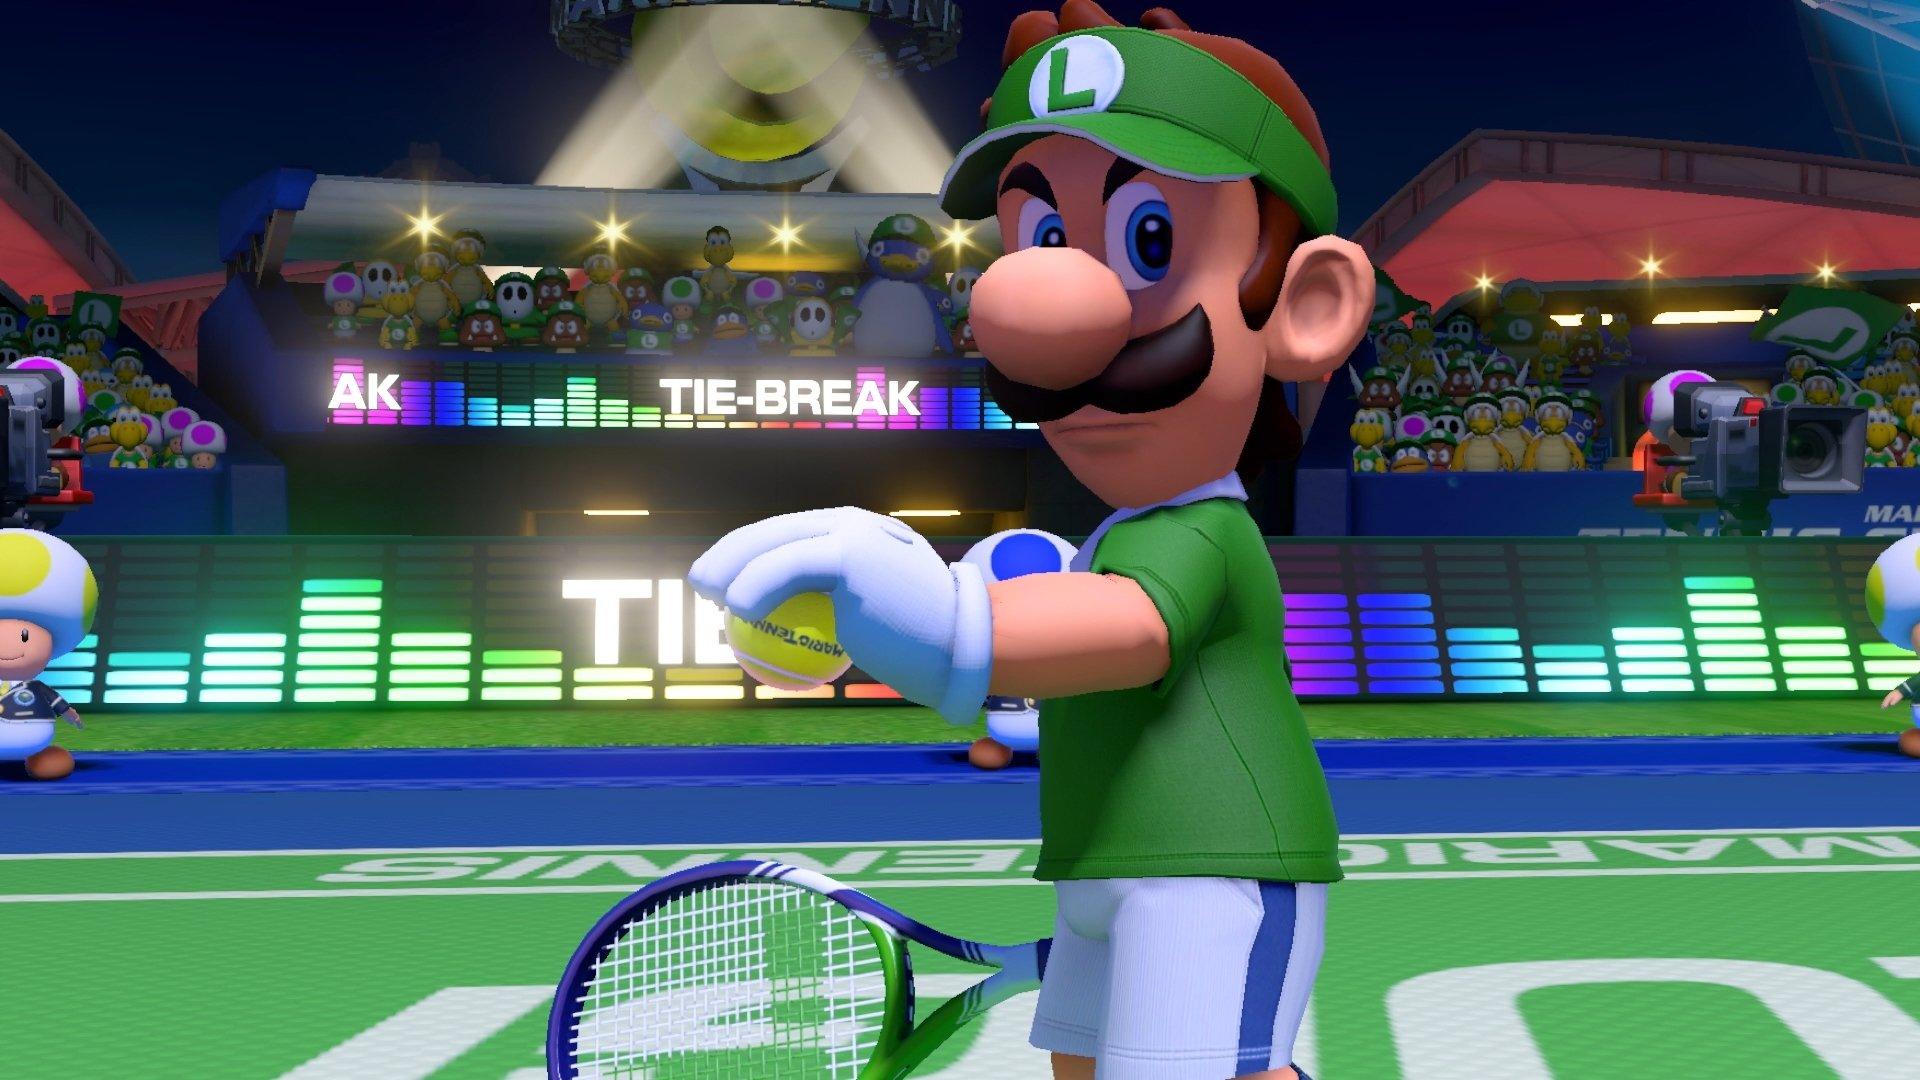 Fondos de pantalla de mario tennis